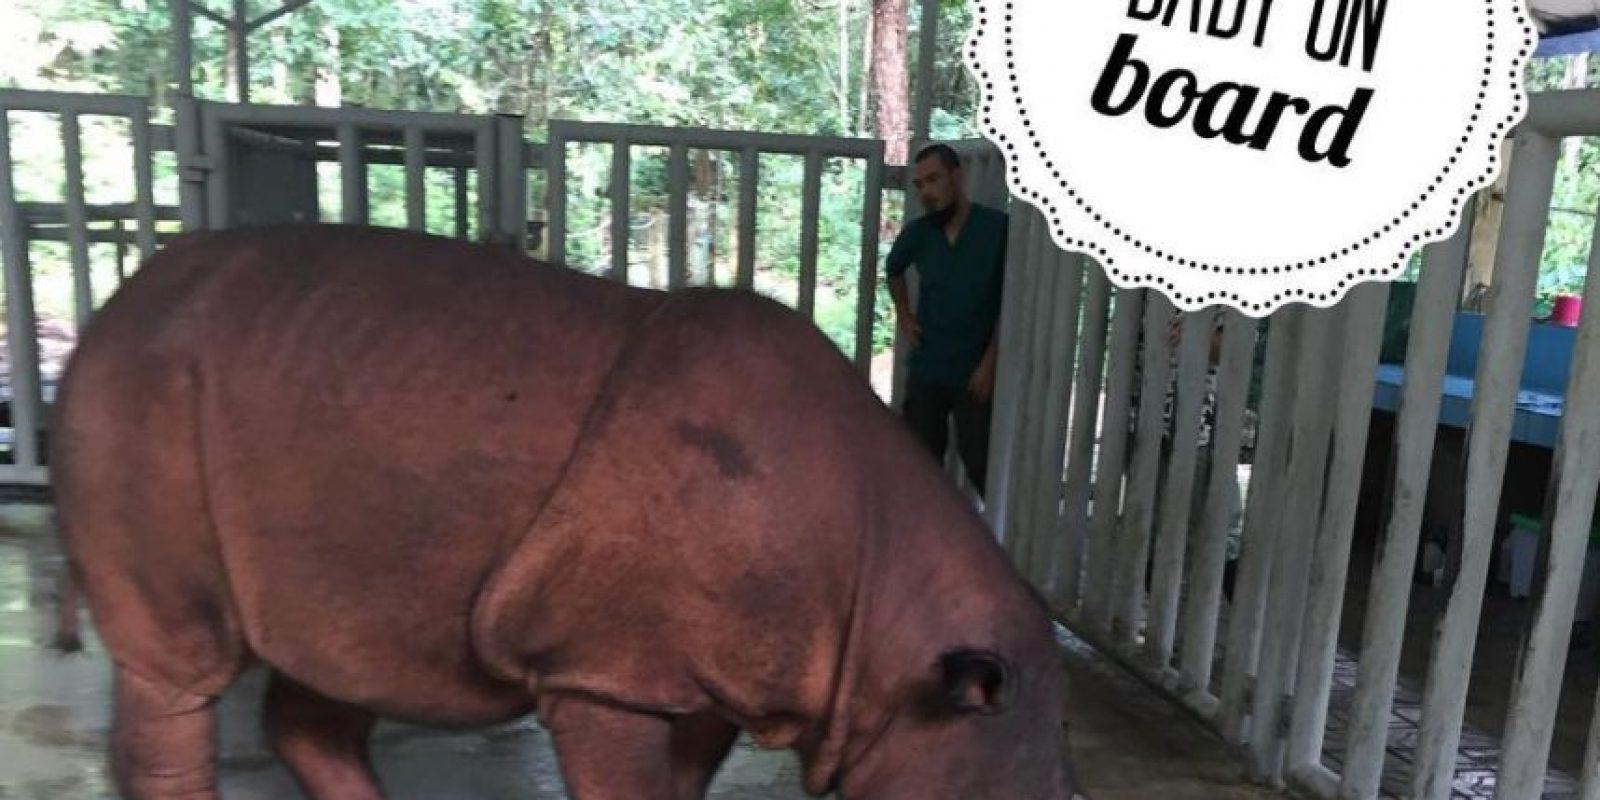 El registro fósil indica que esta especie ha permanecido prácticamente invariable. Foto:instagram.com/rhinosirf/